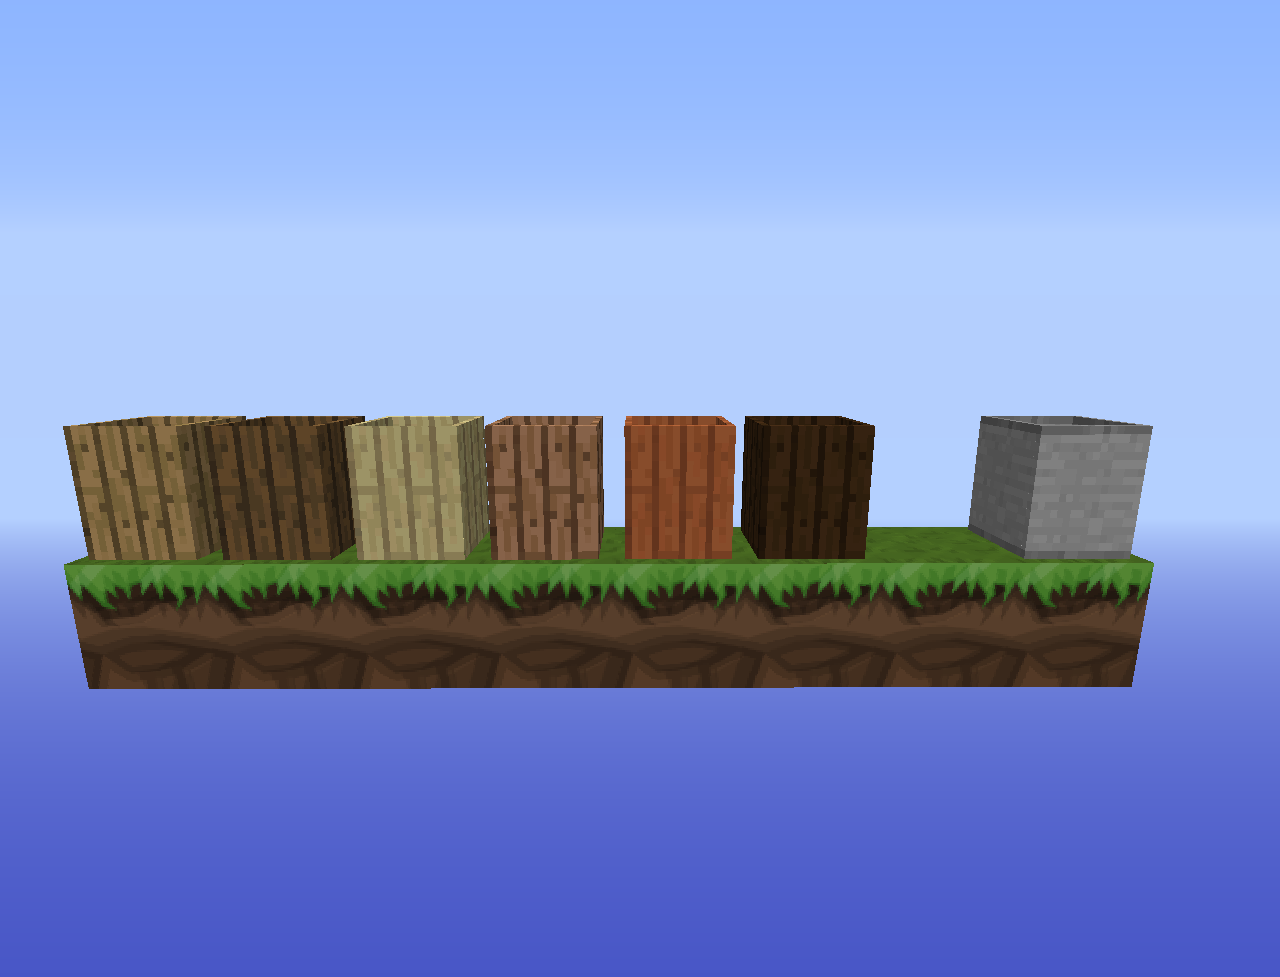 Barrels | Ex Nihilo (Minecraft) Wiki | FANDOM powered by Wikia